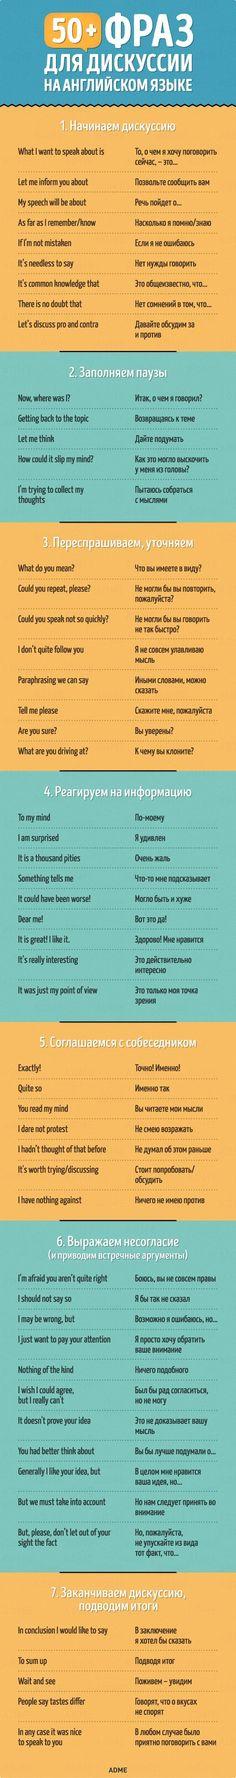 http://www.adme.ru/svoboda-kultura/50-anglijskih-fraz-kotorye-pomogut-blestyasche-proyavit-sebya-v-obschenii-1198360/